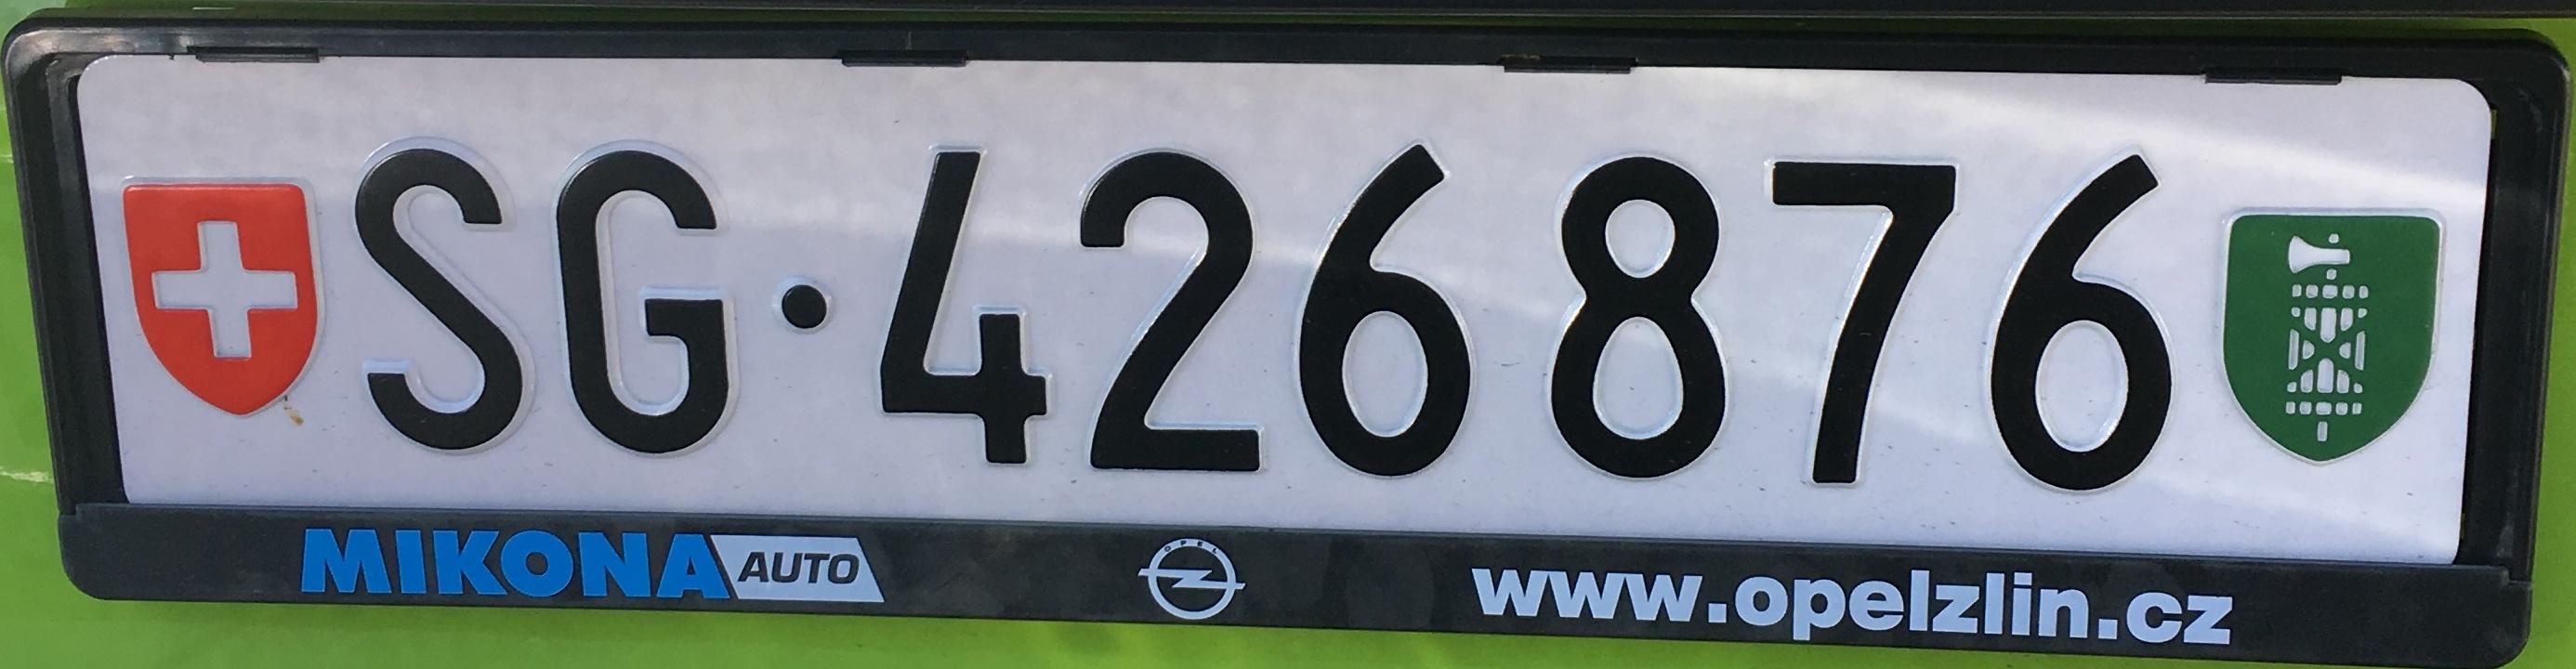 Registrační značky Švýcarsko – SG – St. Gallen, foto: www.podalnici.cz